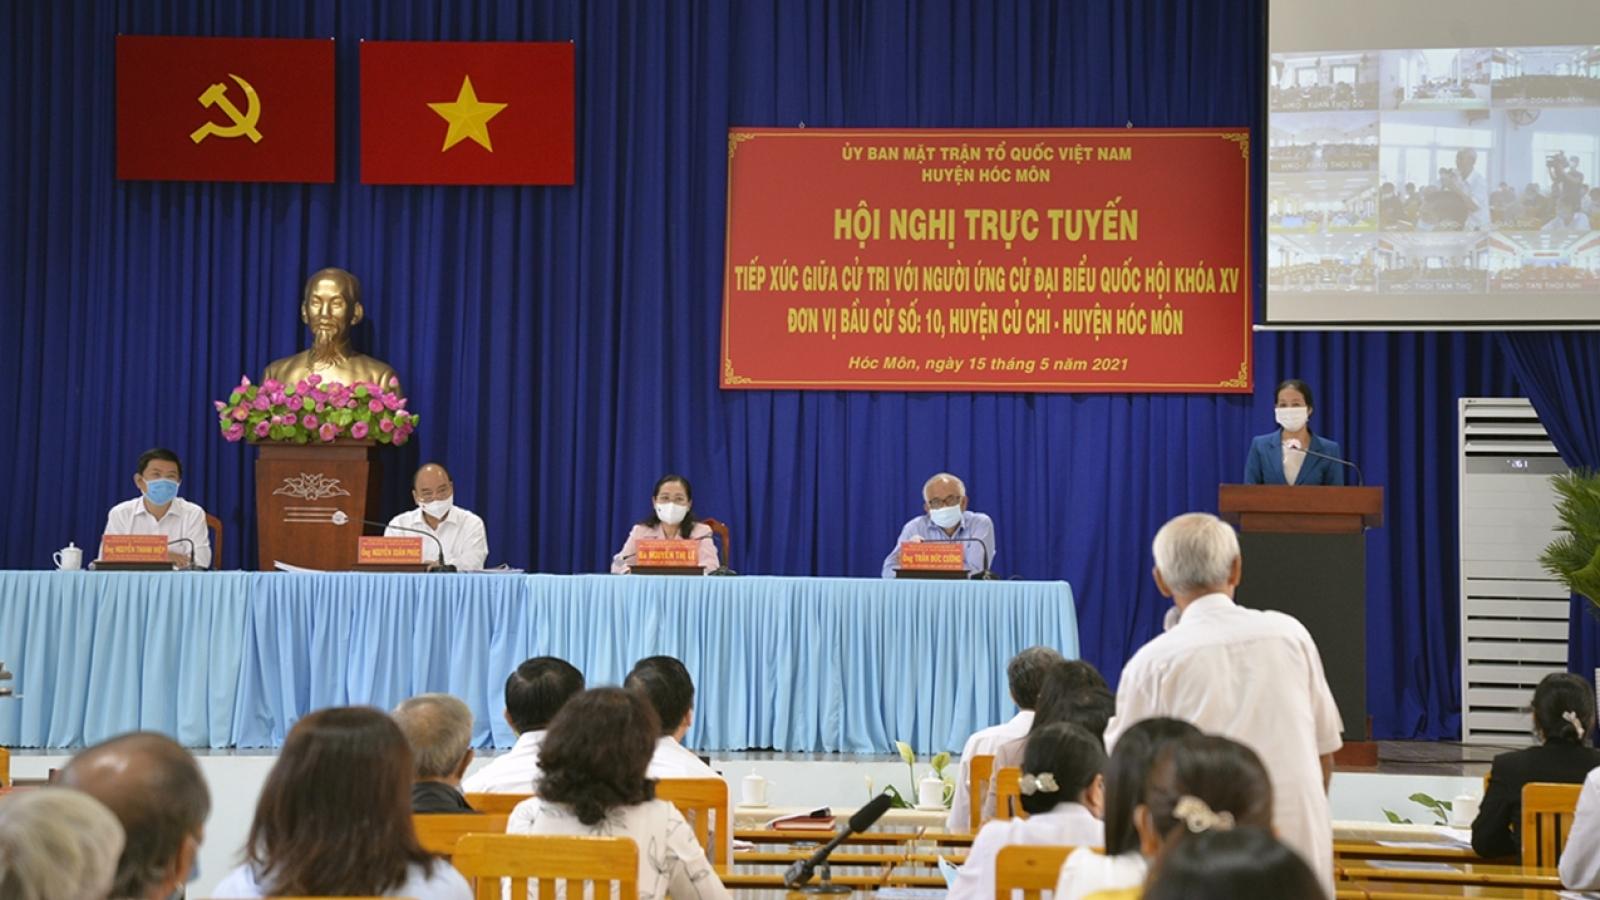 Đoàn Đại biểu Quốc hội TP.HCM không tiếp xúc cử tri sau kỳ họp thứ nhất